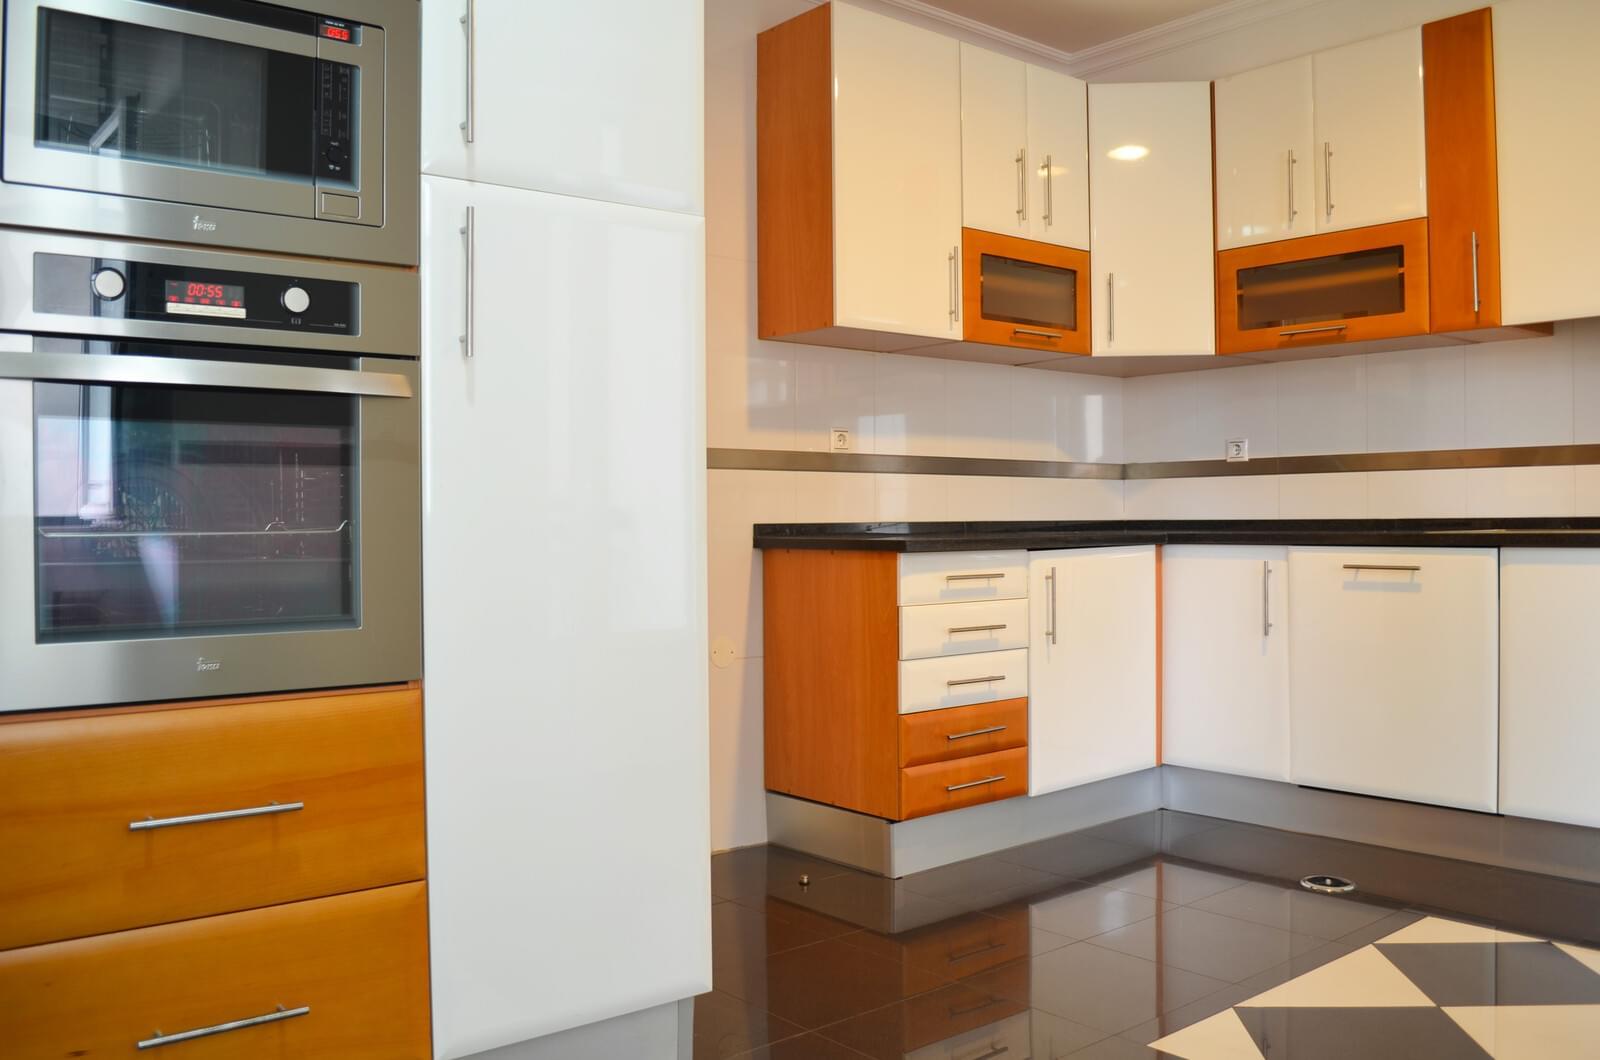 pf18839-apartamento-t2-lisboa-4da518fa-89c0-4fcf-b7a8-04138d21ac52